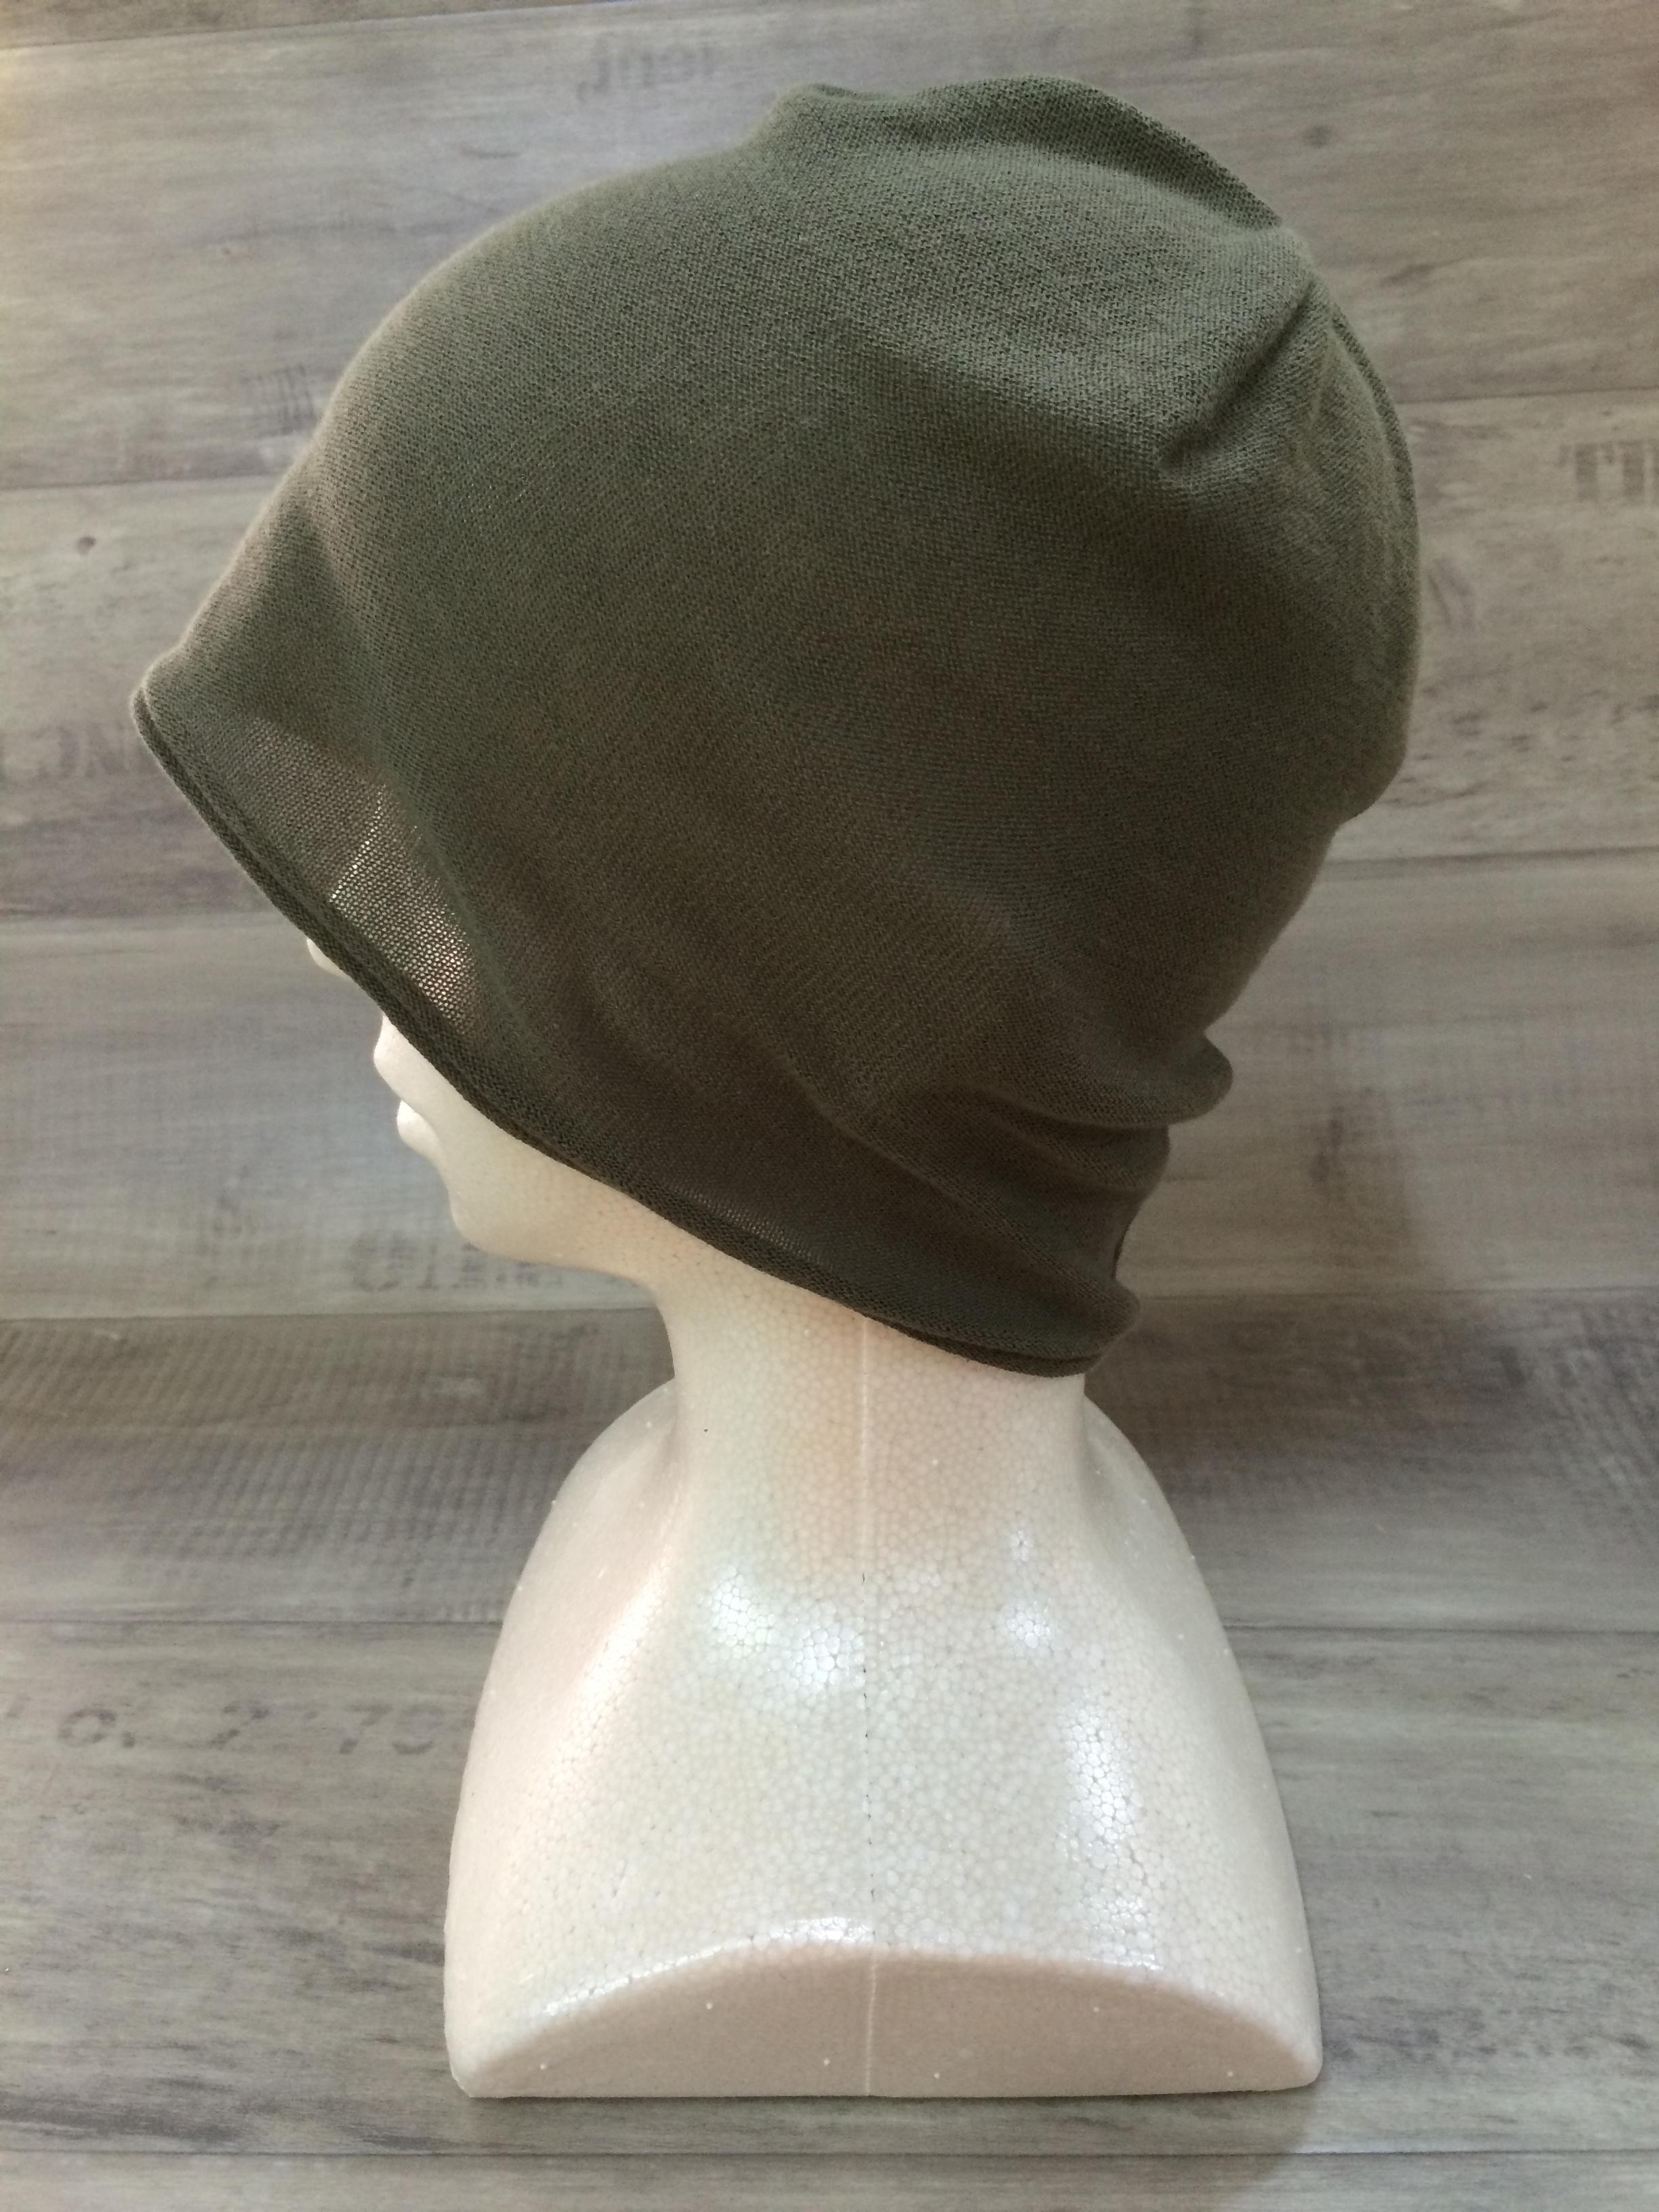 【送料無料】こころが軽くなるニット帽子amuamu|新潟の老舗ニットメーカーが考案した抗がん治療中の脱毛ストレスを軽減する機能性と豊富なデザイン NB-6060|璃寛茶(りかんちゃ)